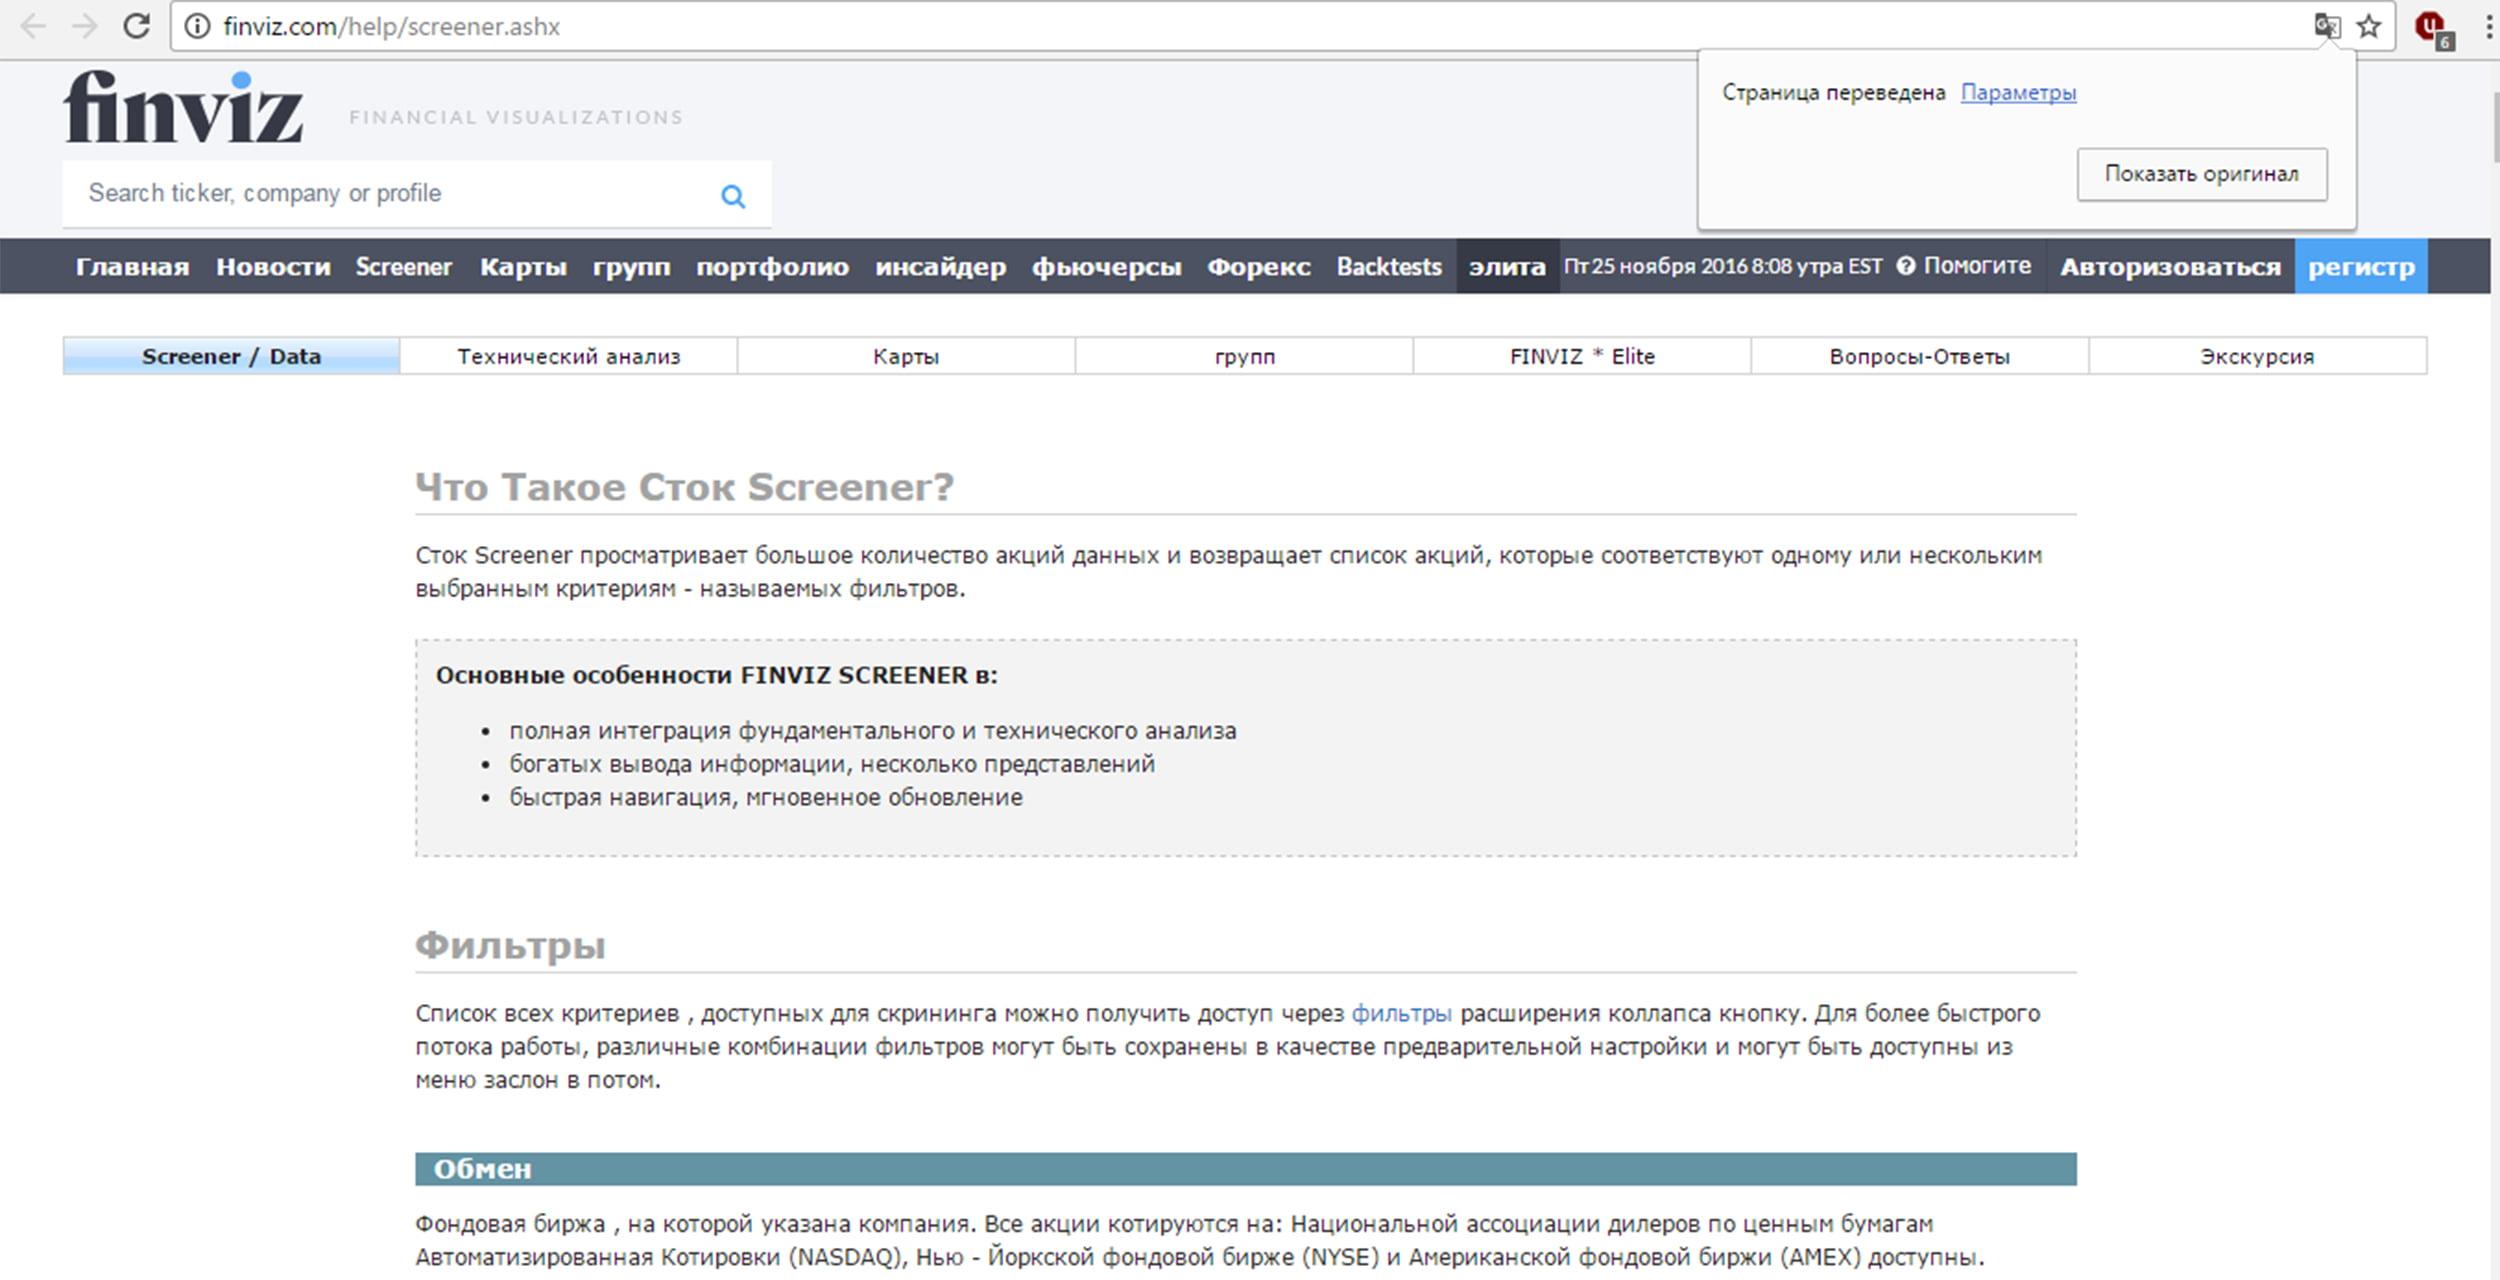 Finviz.com: инструкция и отзывы об официальном сайте